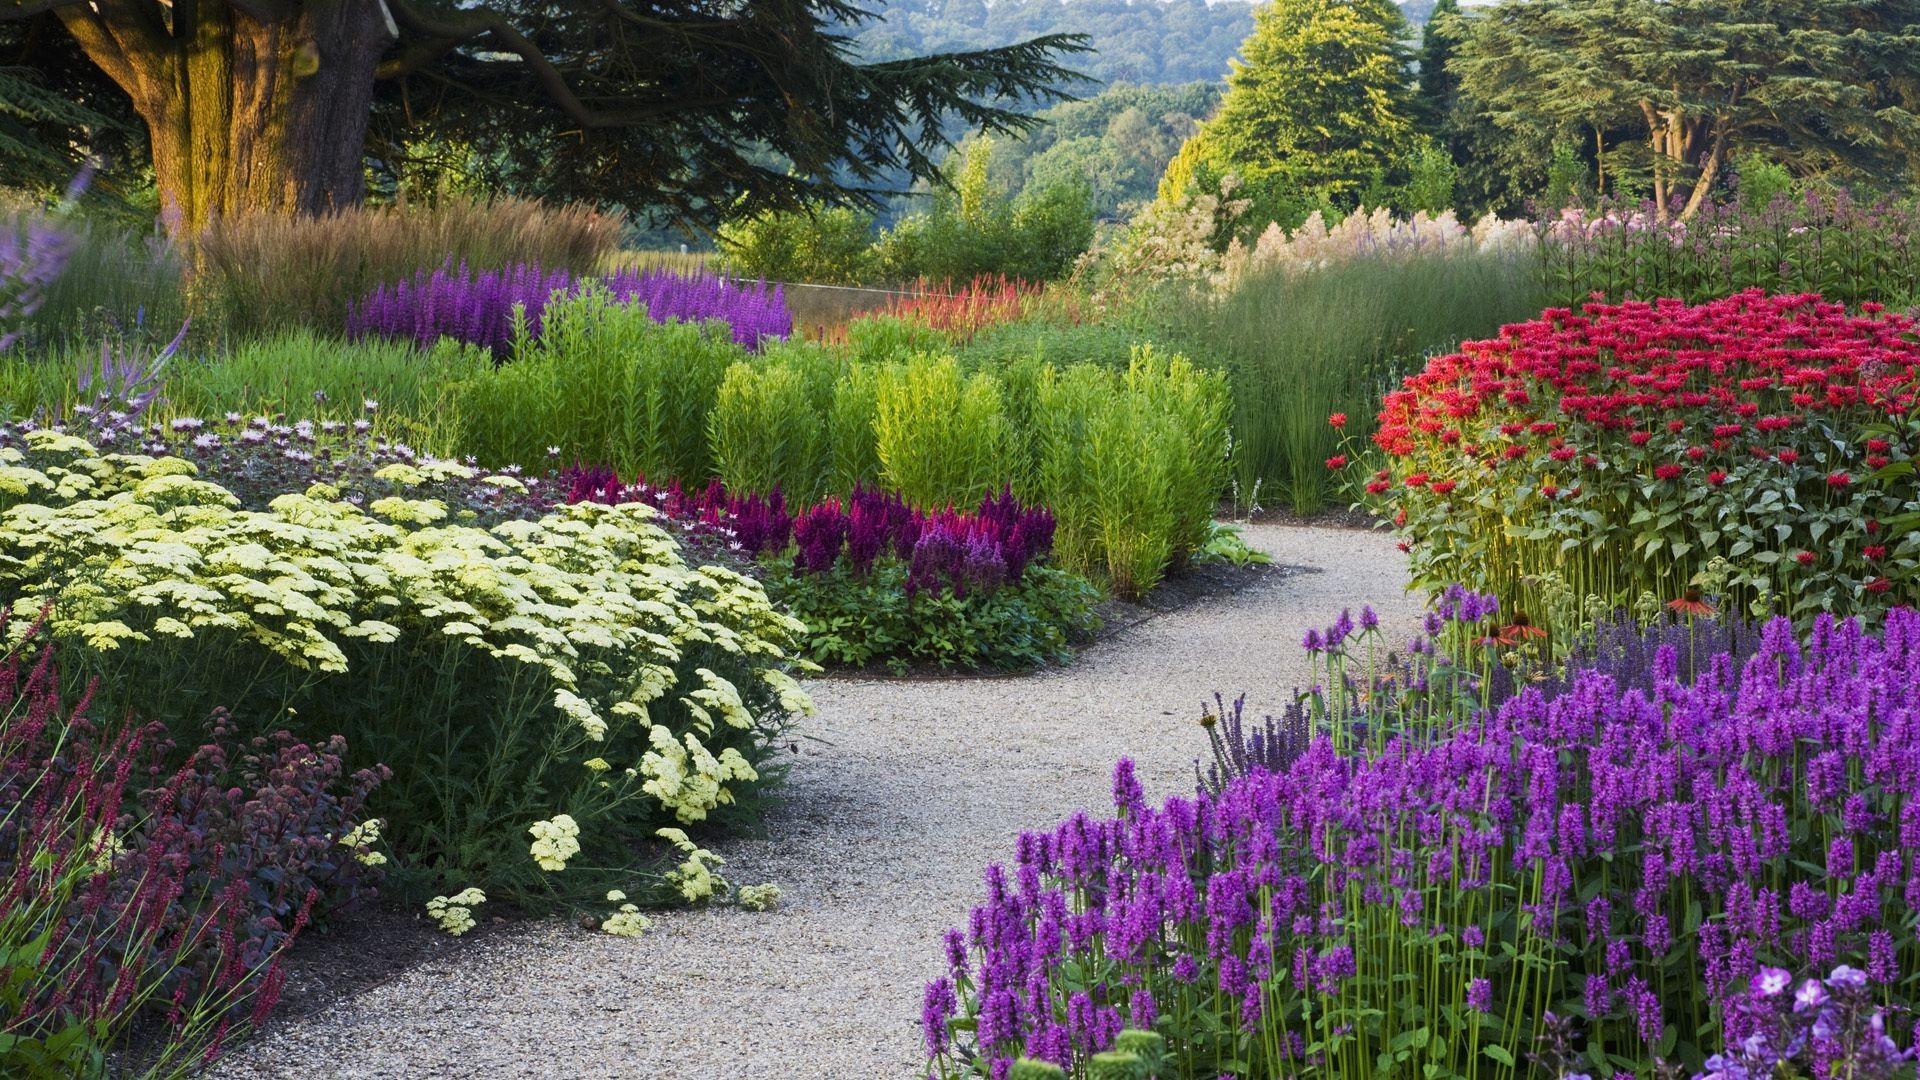 луг сад дворик трава  № 2691589 загрузить